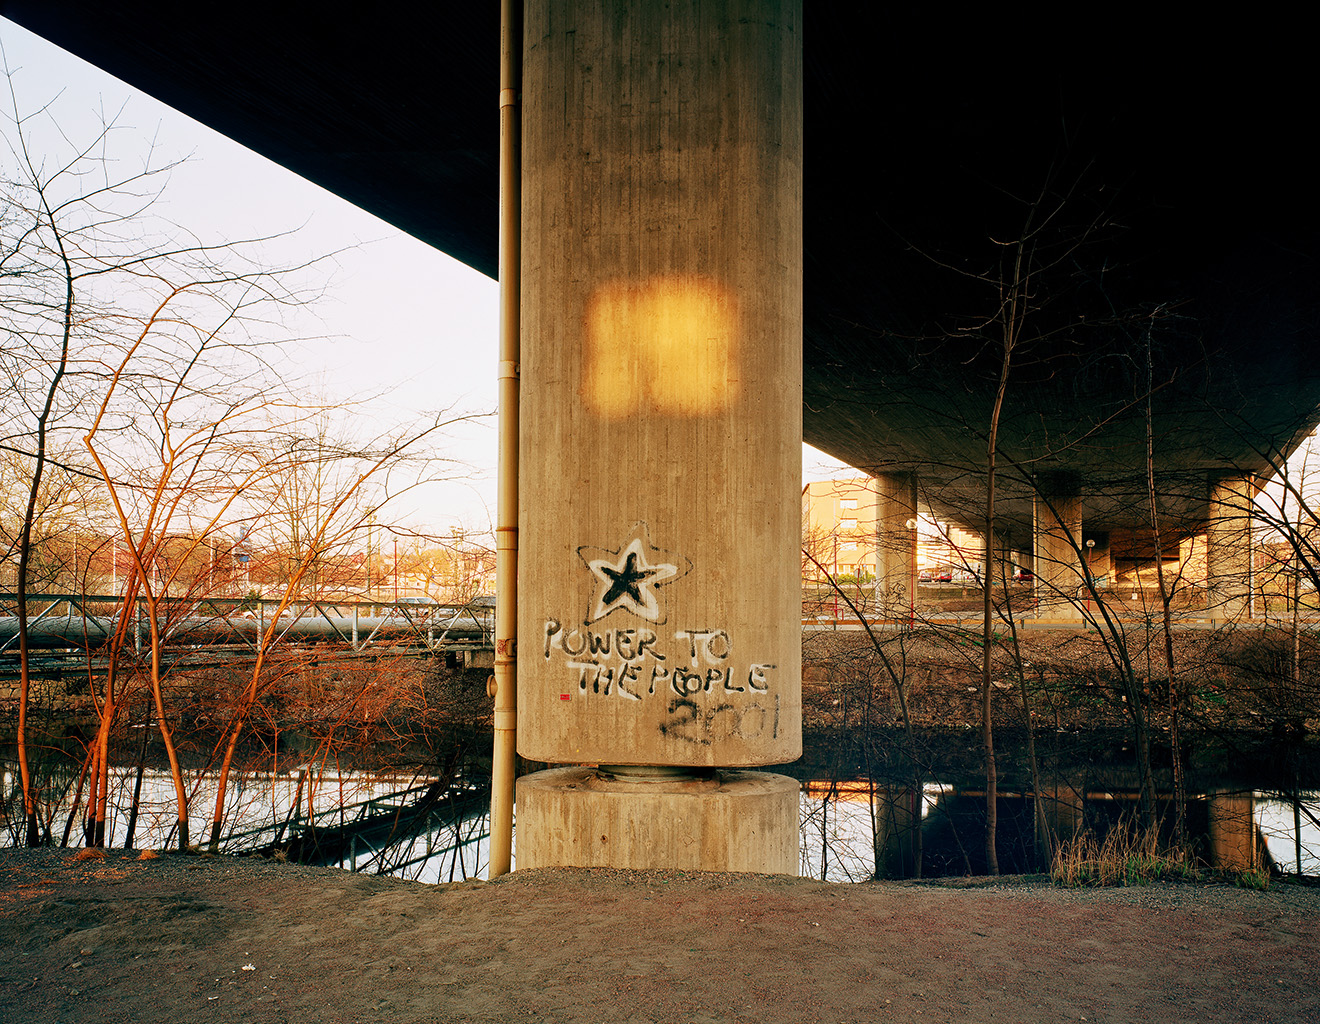 King's bridge, 16 April 2003